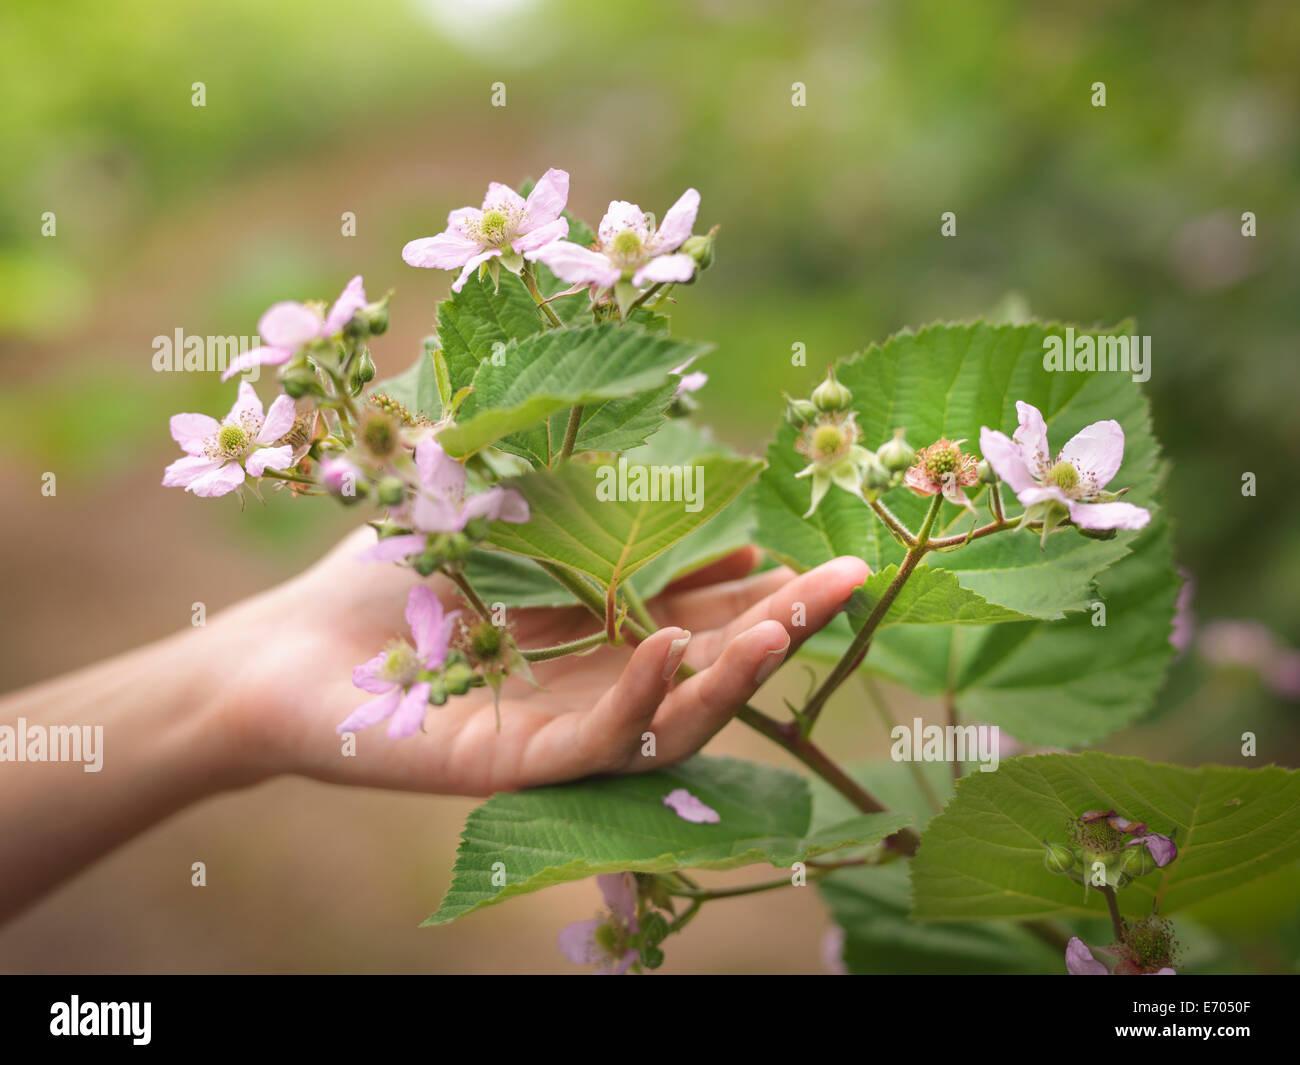 Blackberry mano sosteniendo flores en granja de frutas, cerrar Imagen De Stock